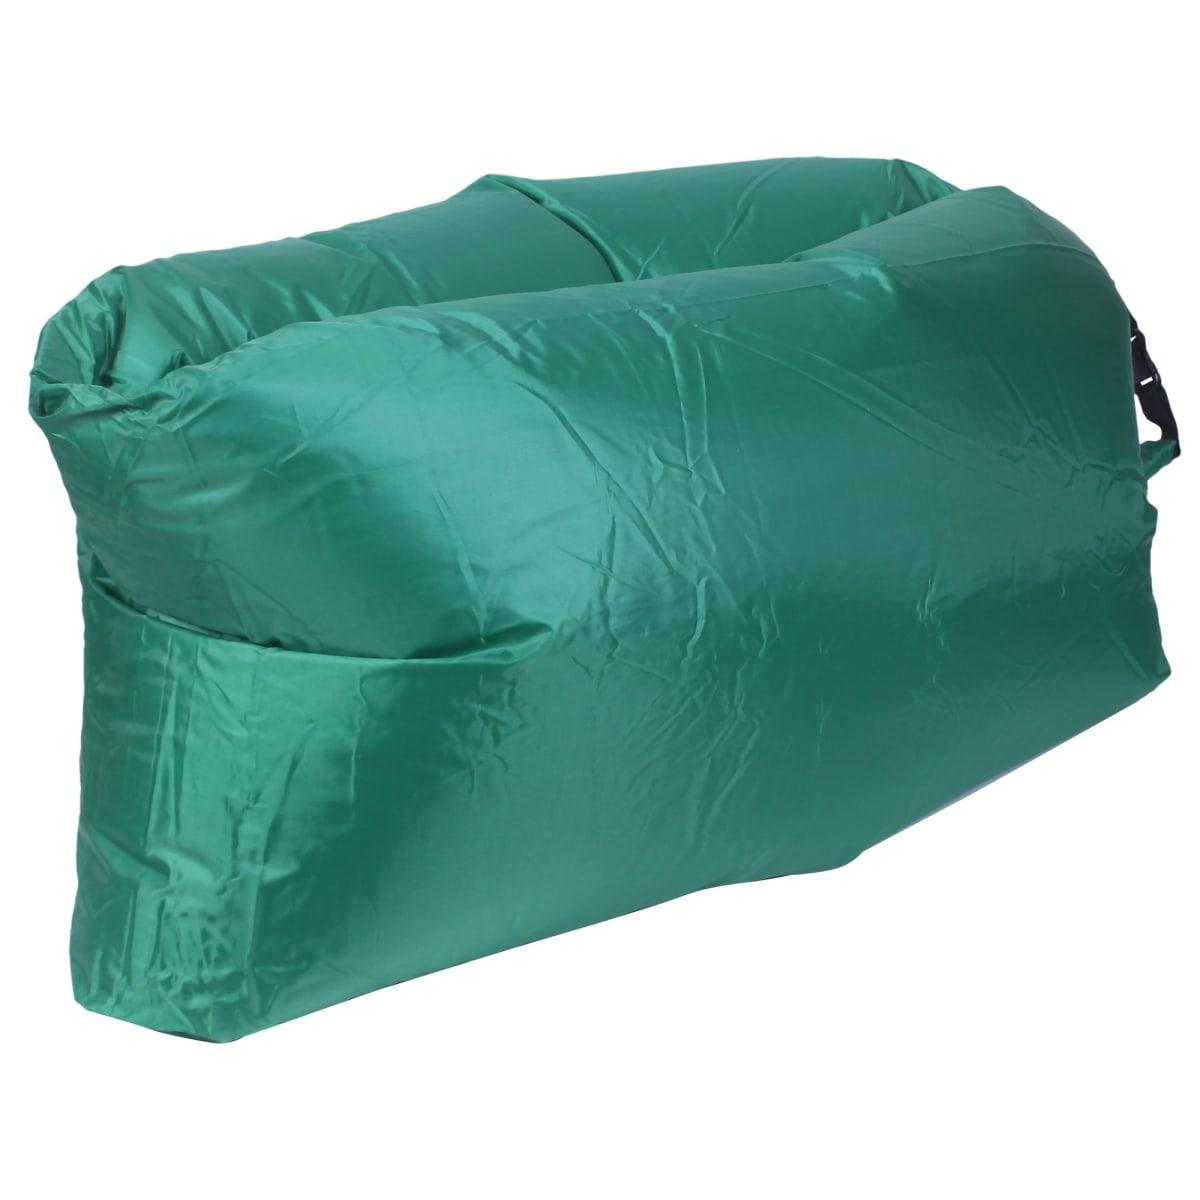 Диван надувной «Long» 220x70 см, цвет зелёный